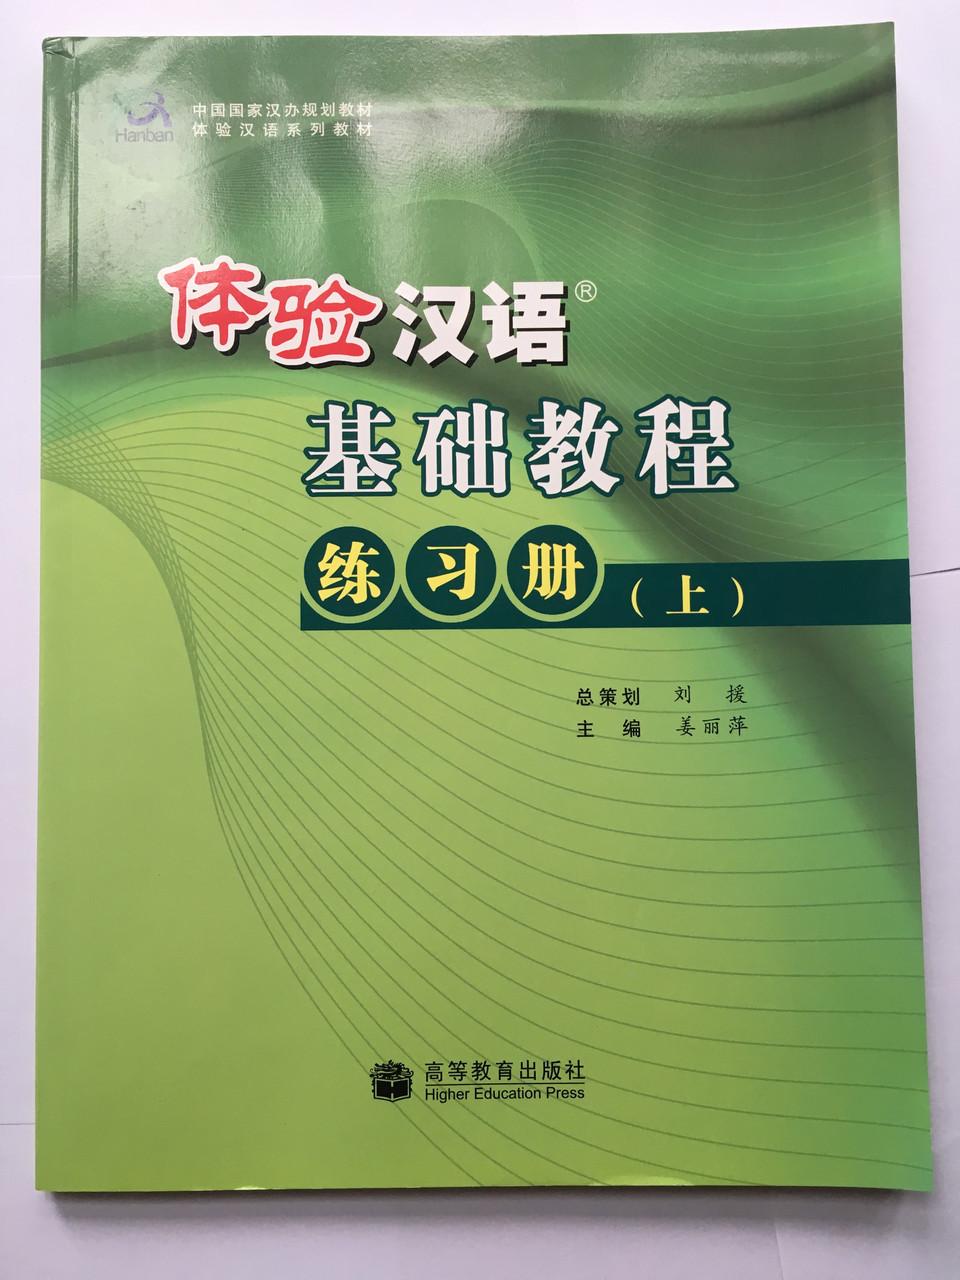 Experiencing Chinese. Познать китайский. Курс китайского языка для начинающих. Сборник упражнений. Часть 1